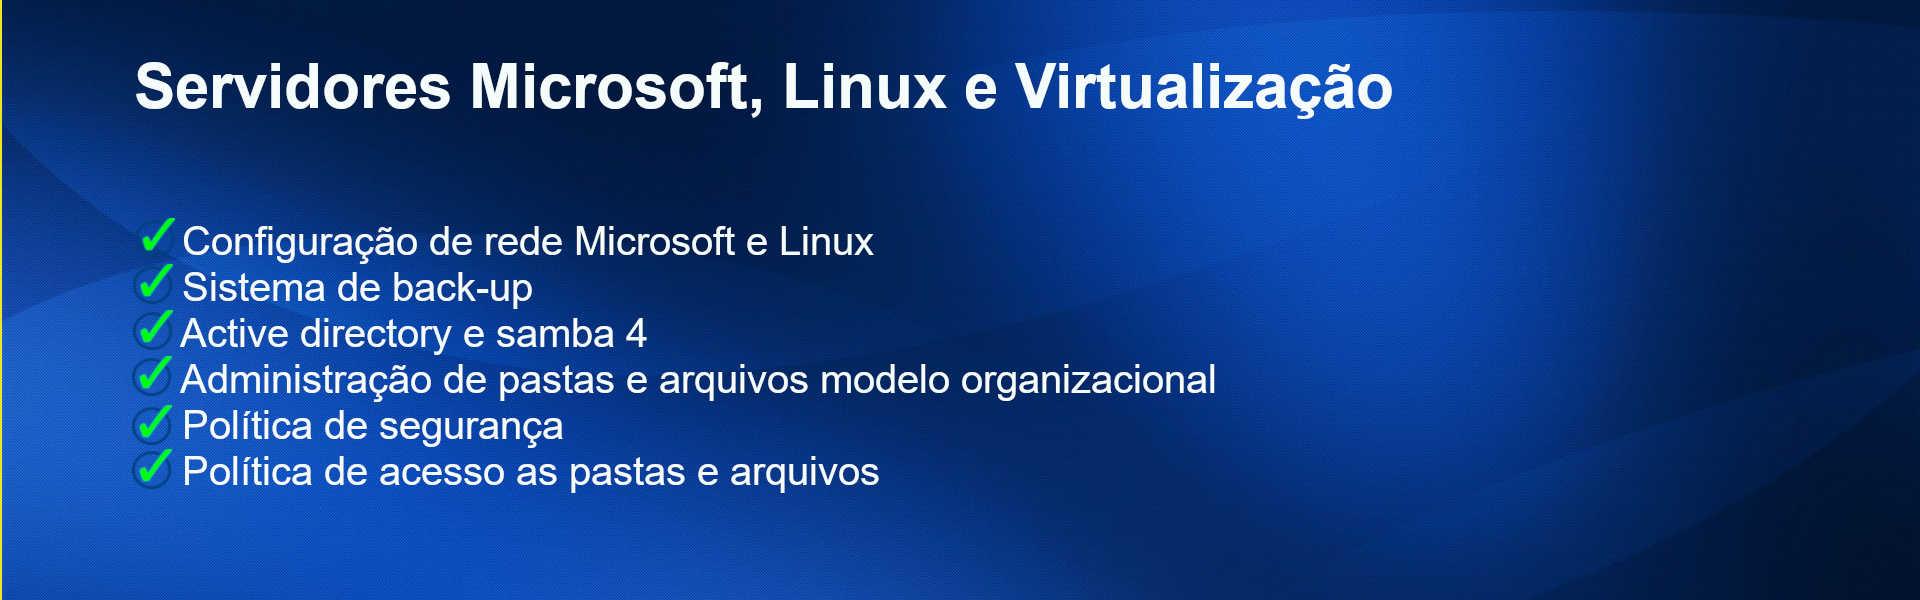 Servidores Microsoft, Linux e Virtualização